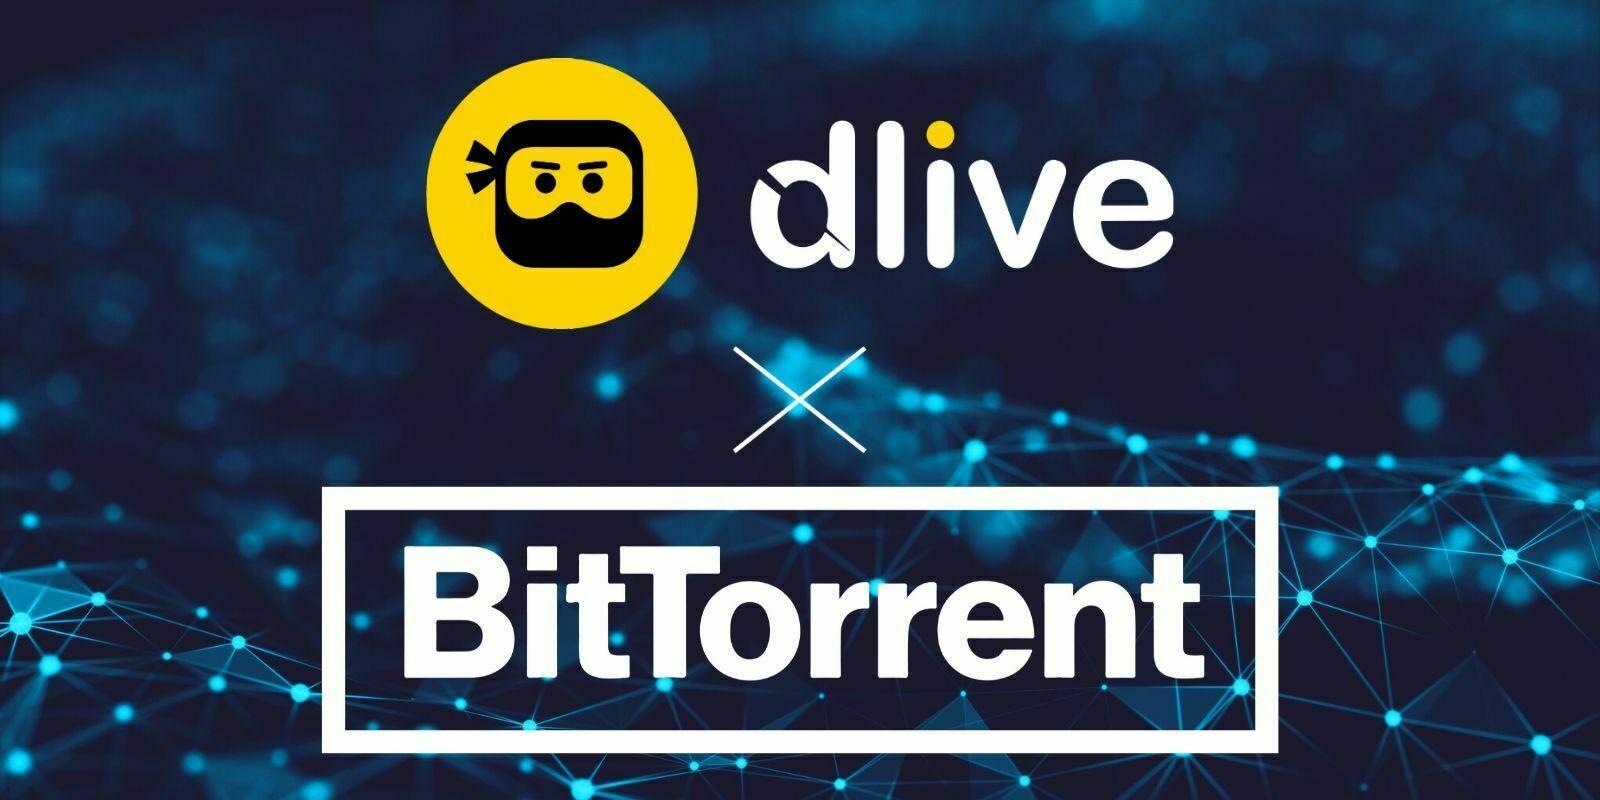 DLive rejoint l'écosystème de BitTorrent et migrera prochainement vers la blockchain TRON